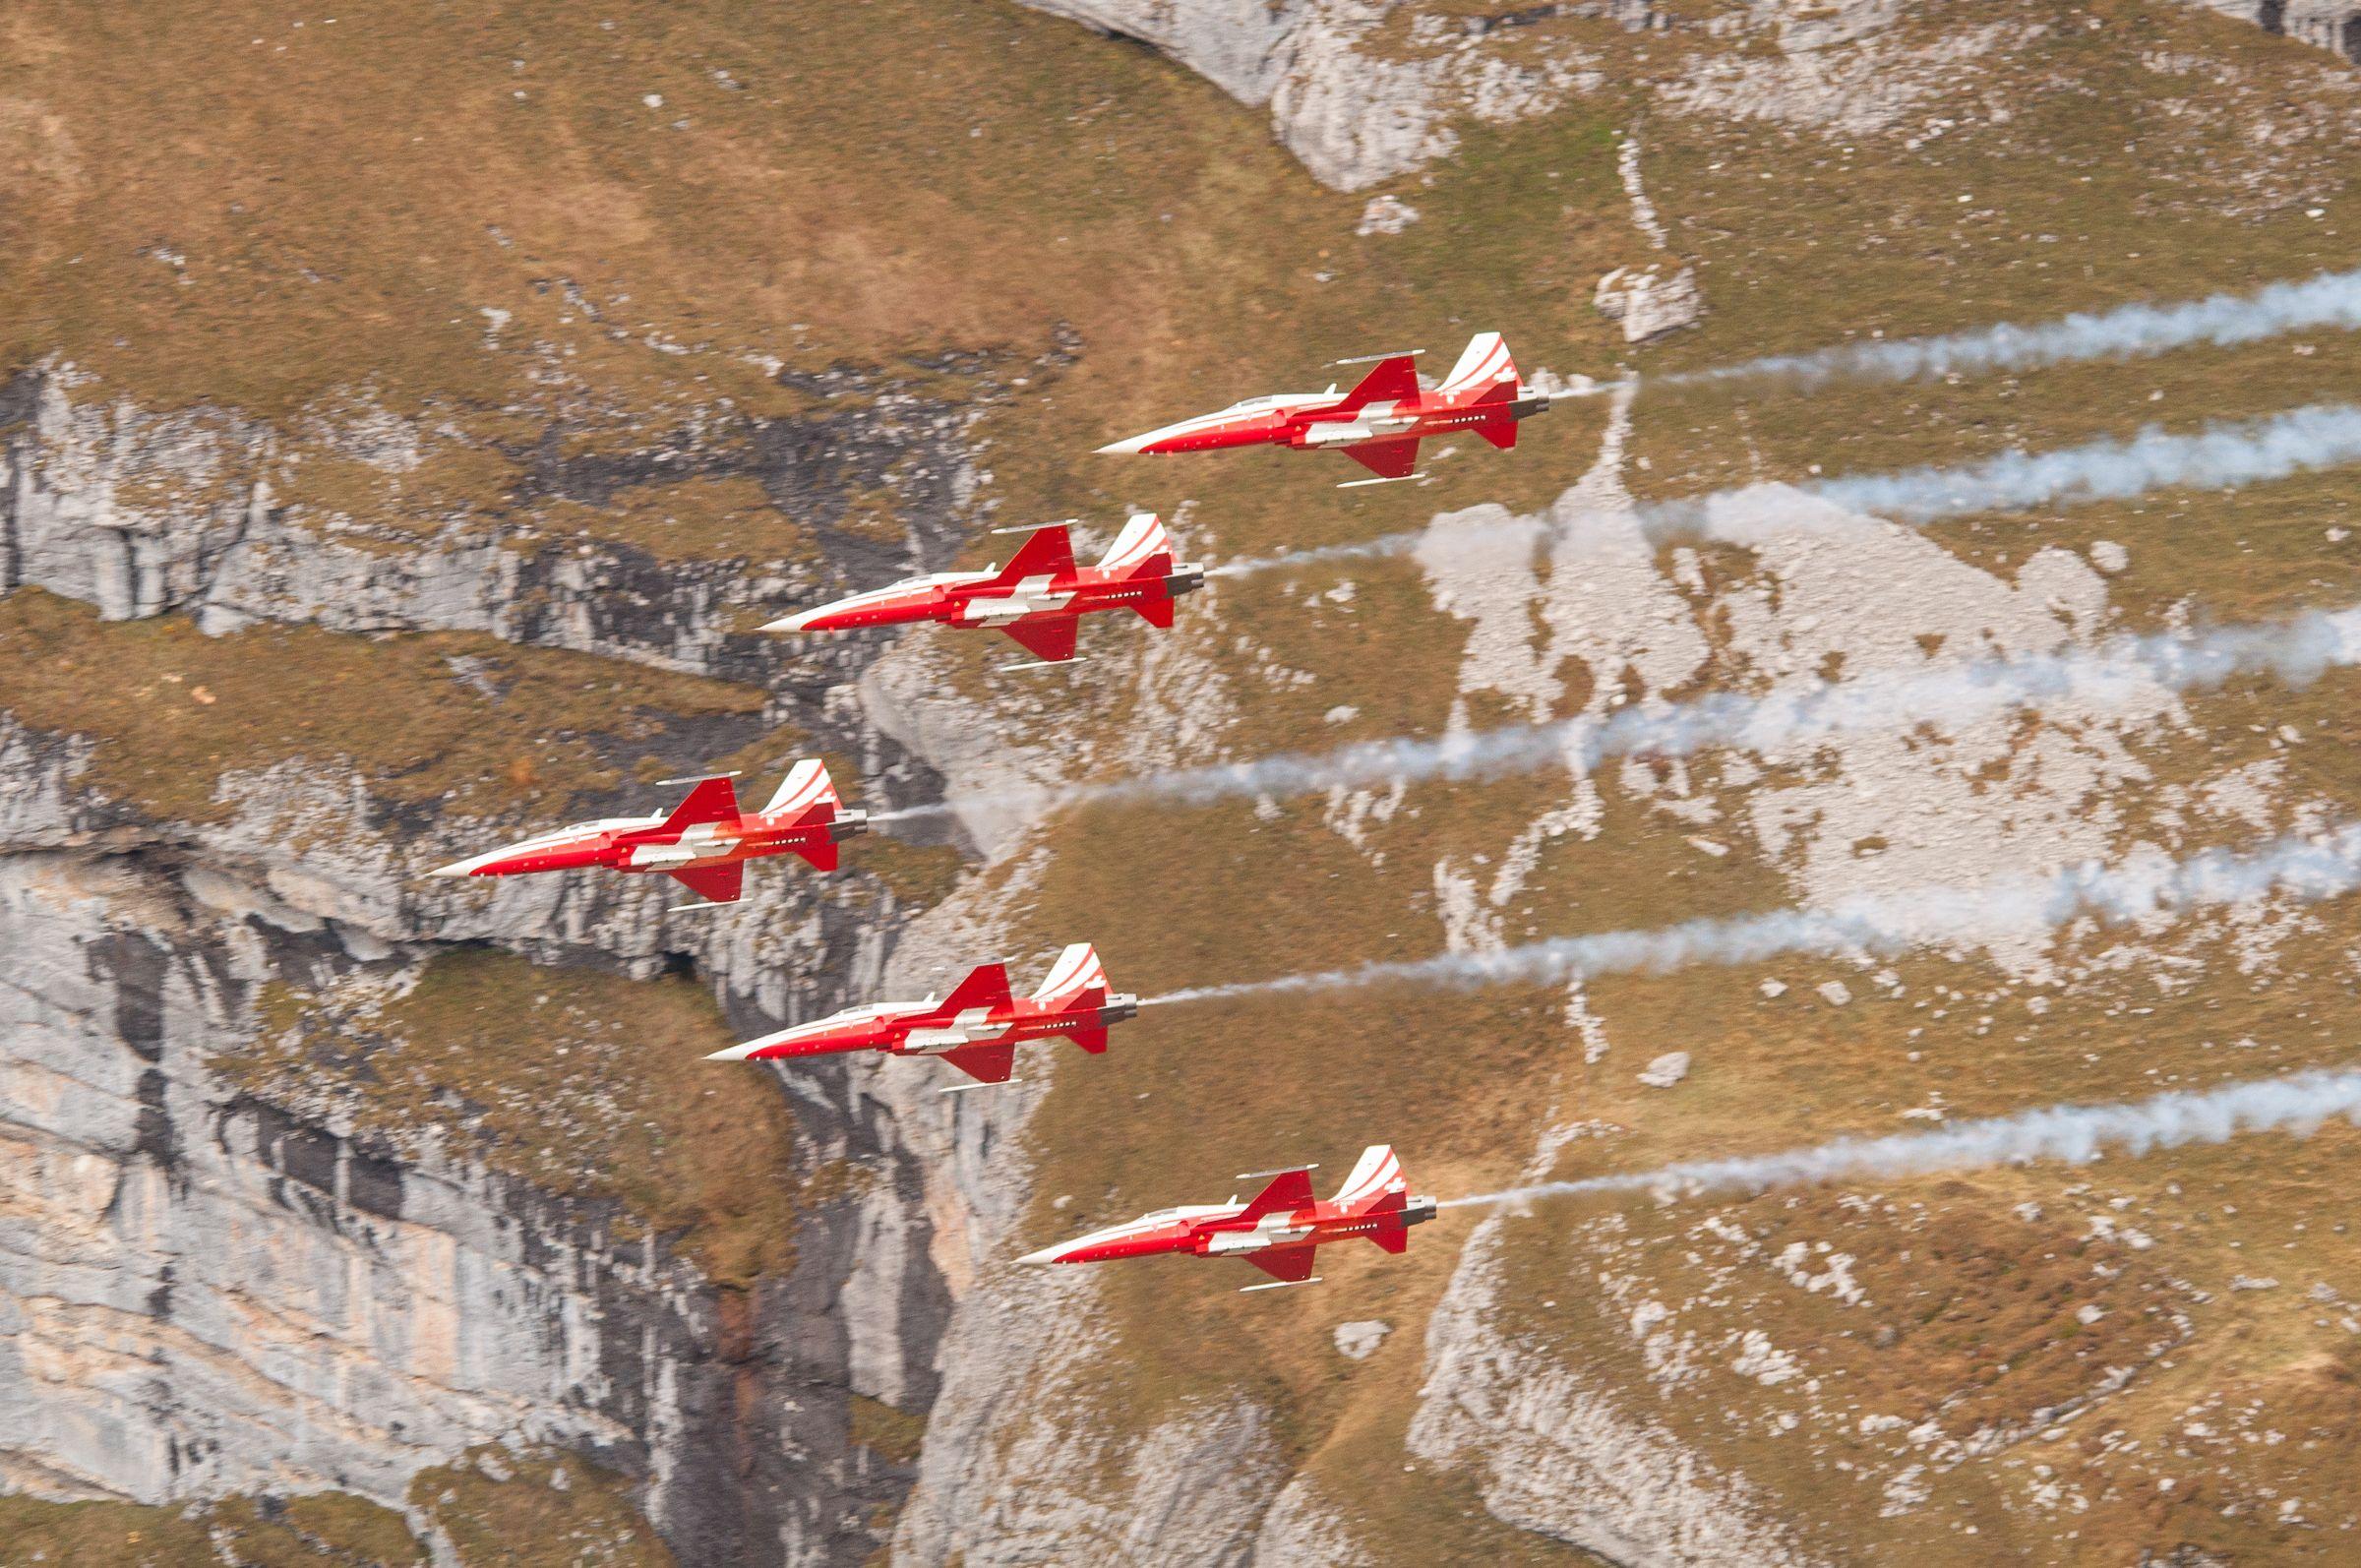 Air force live fire event Axalp 2012 - 10-11 Oct 2012 - Pagina 2 000130n